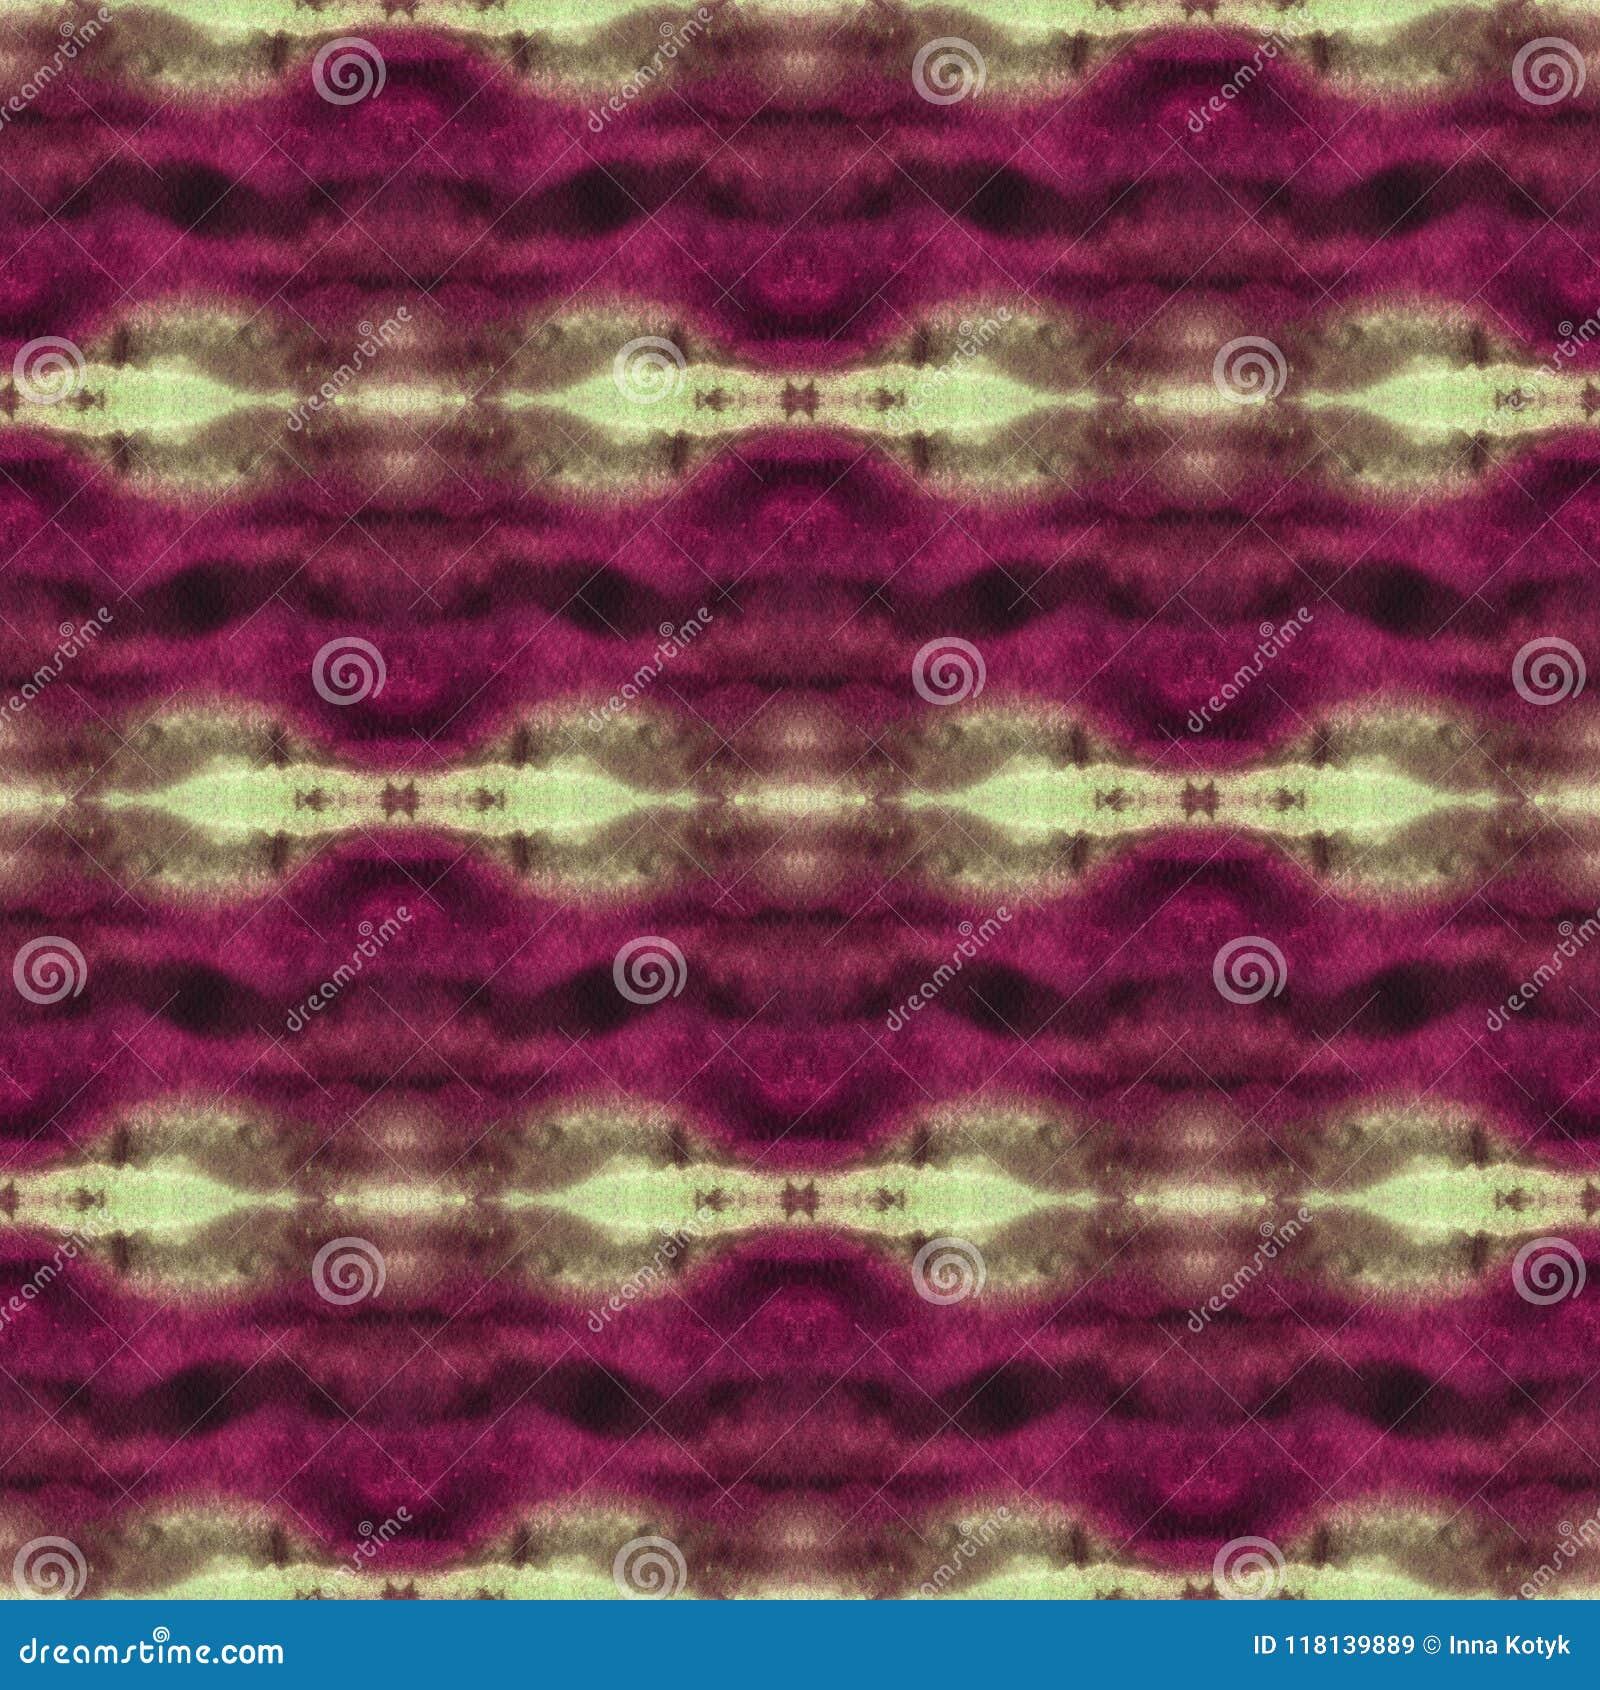 Фоновое изображение акварели - декоративный состав Используйте напечатанные материалы, знаки, детали, вебсайты, карты, плакаты, о